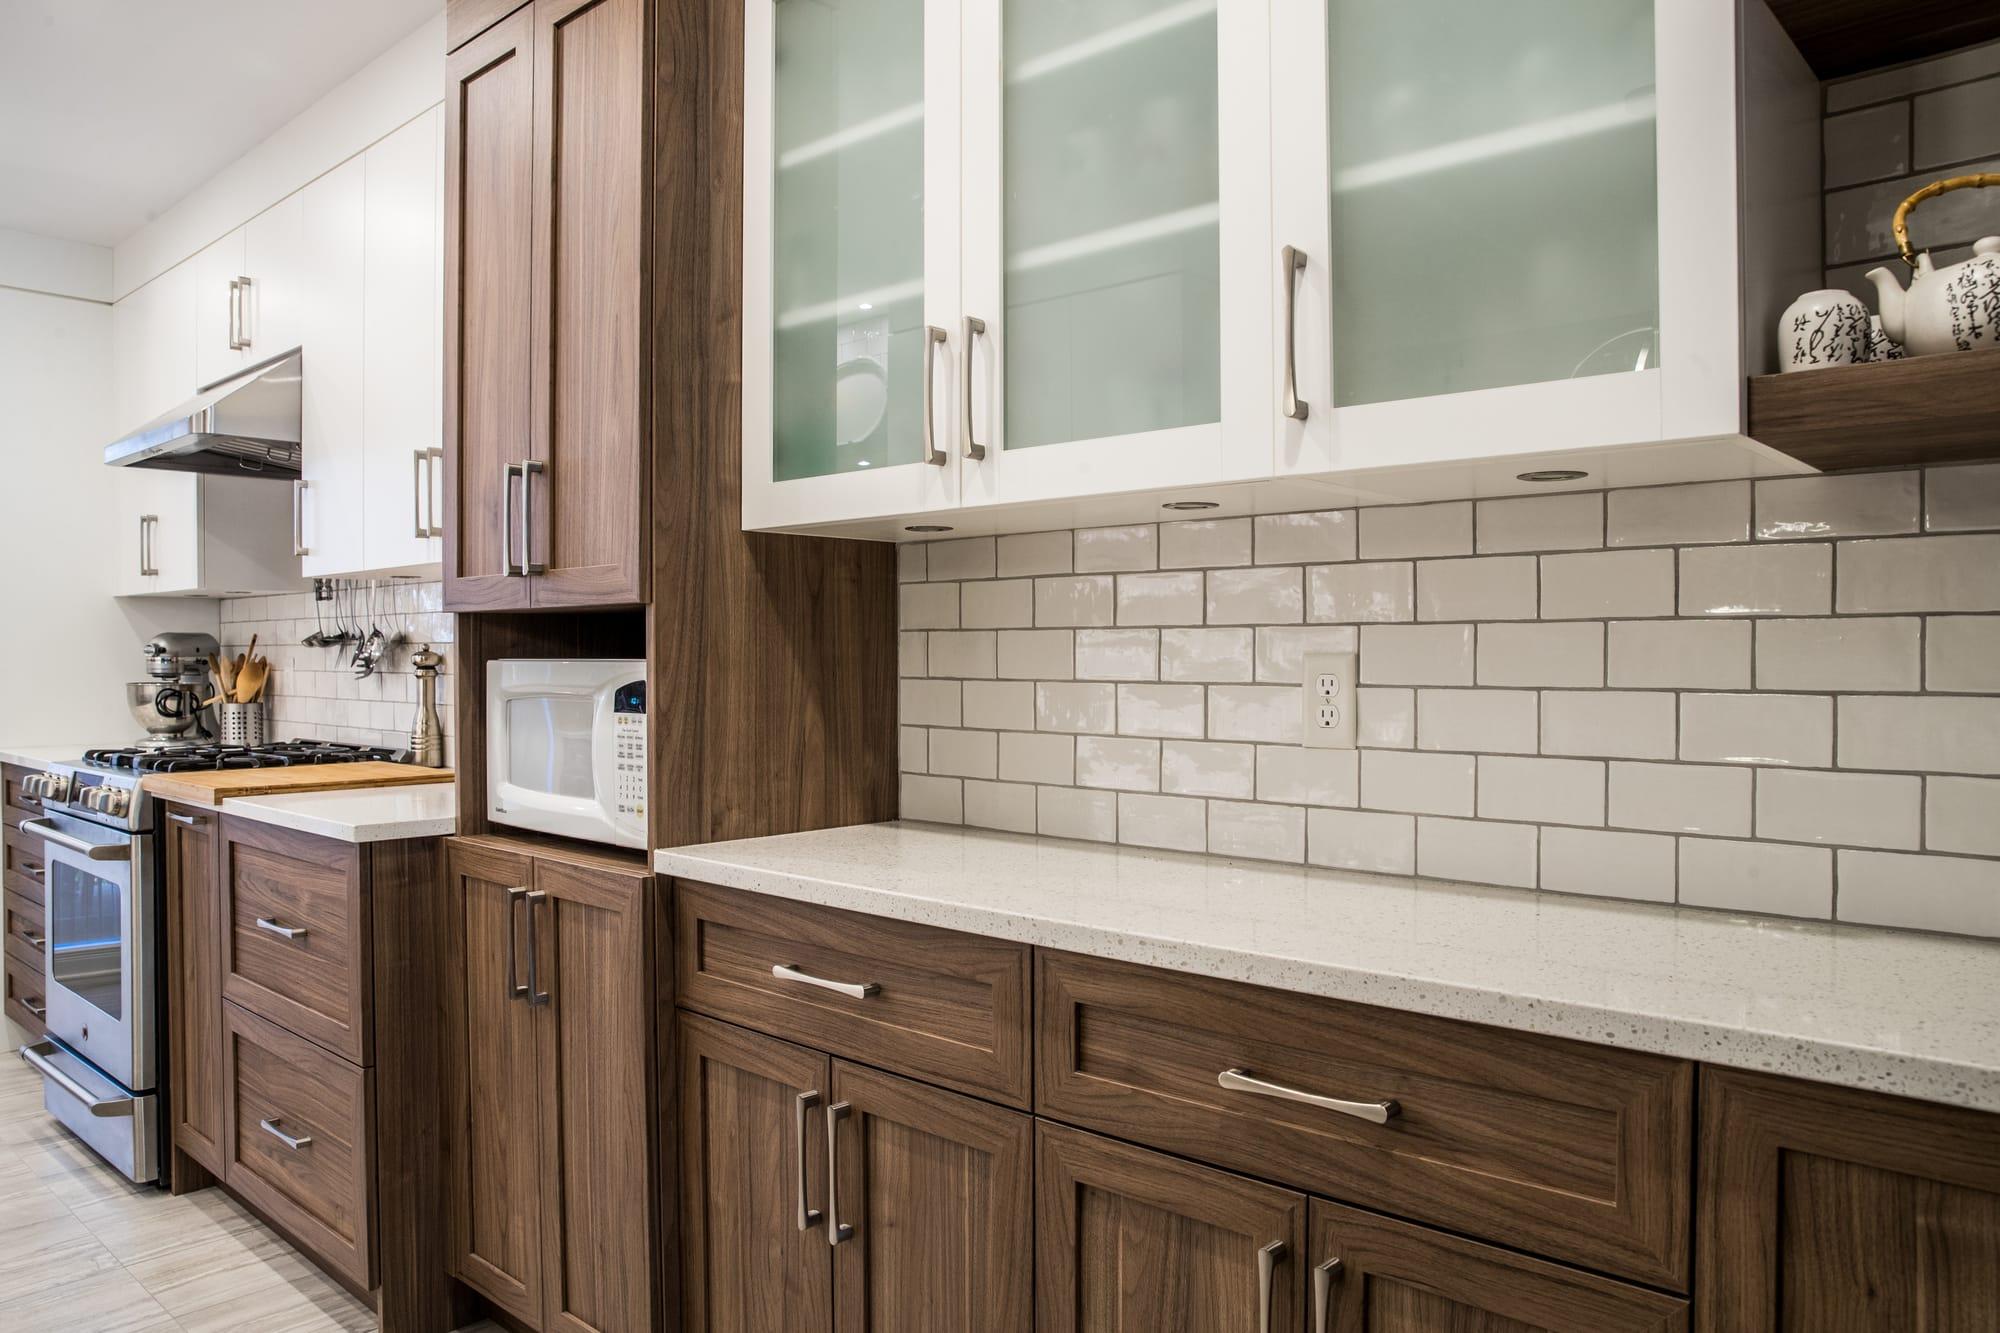 armoires crème vitrées combinées à des armoires en polyester brun